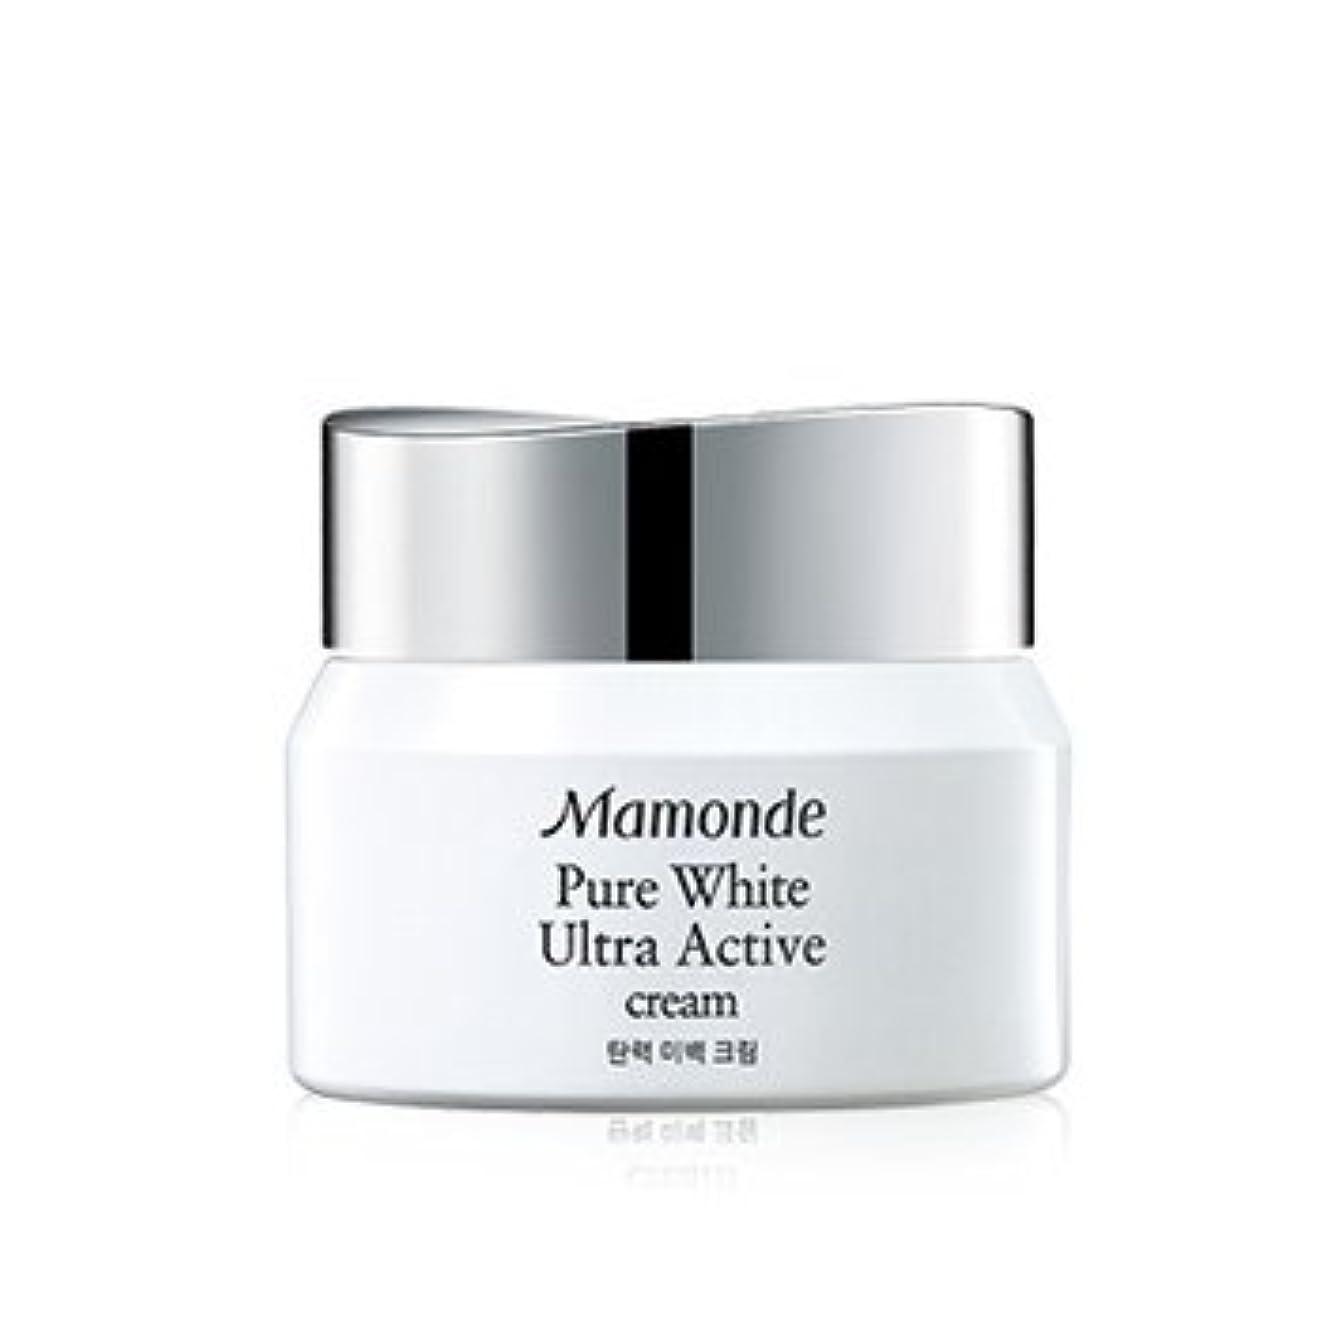 クルーズ宙返りホームMamonde Pure White Ultra Active Cream 50ml/マモンド ピュア ホワイト ウルトラ アクティブ クリーム 50ml [並行輸入品]